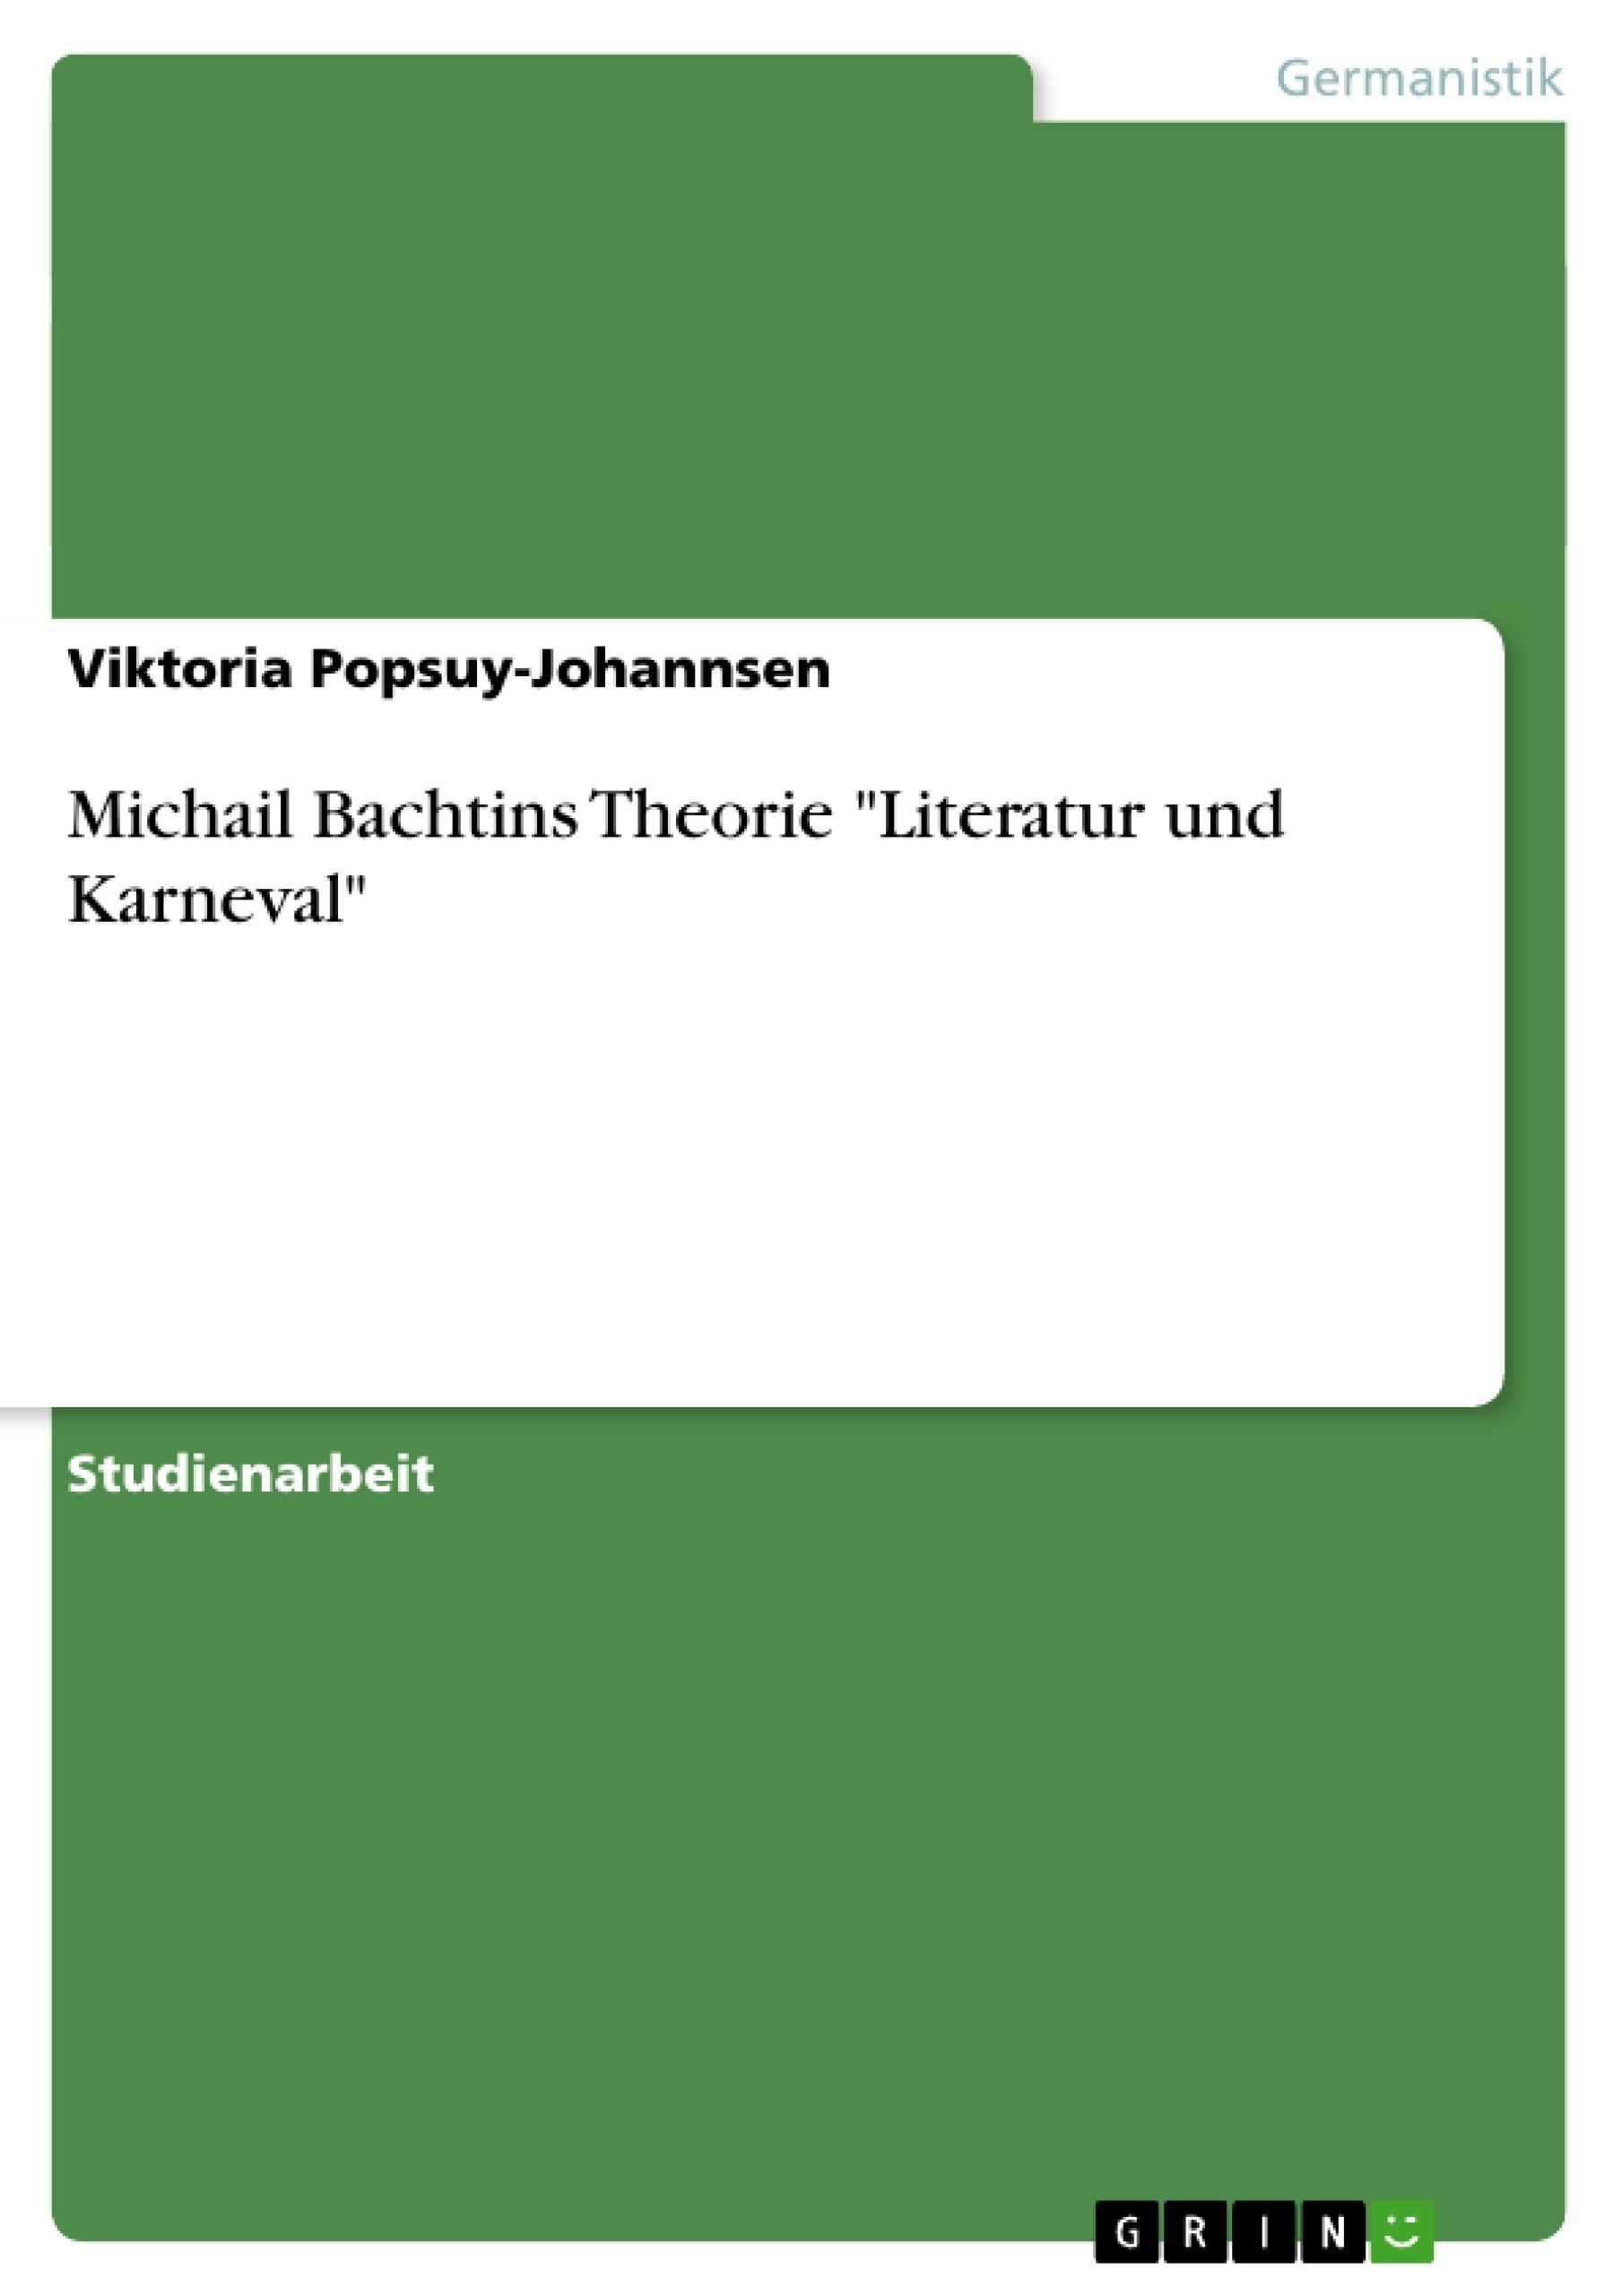 """Titel: Michail Bachtins Theorie """"Literatur und Karneval"""""""